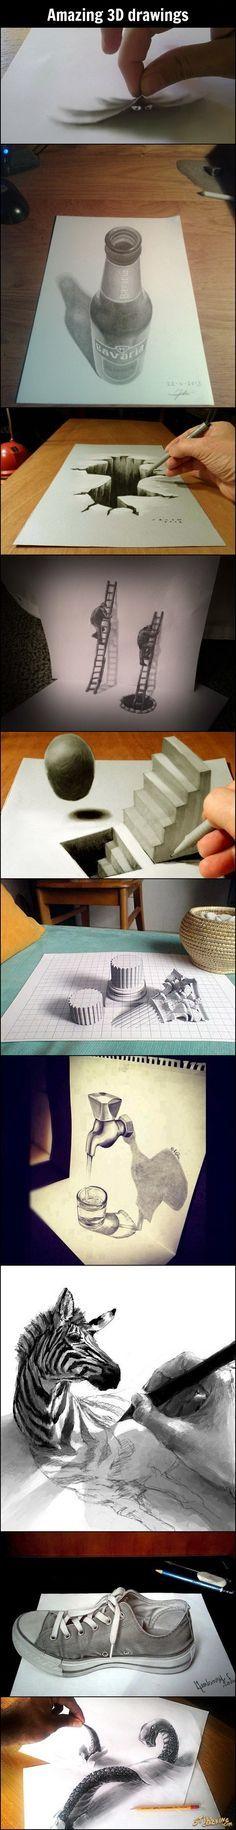 Dibujos en 3D                                                                                                                                                      Más